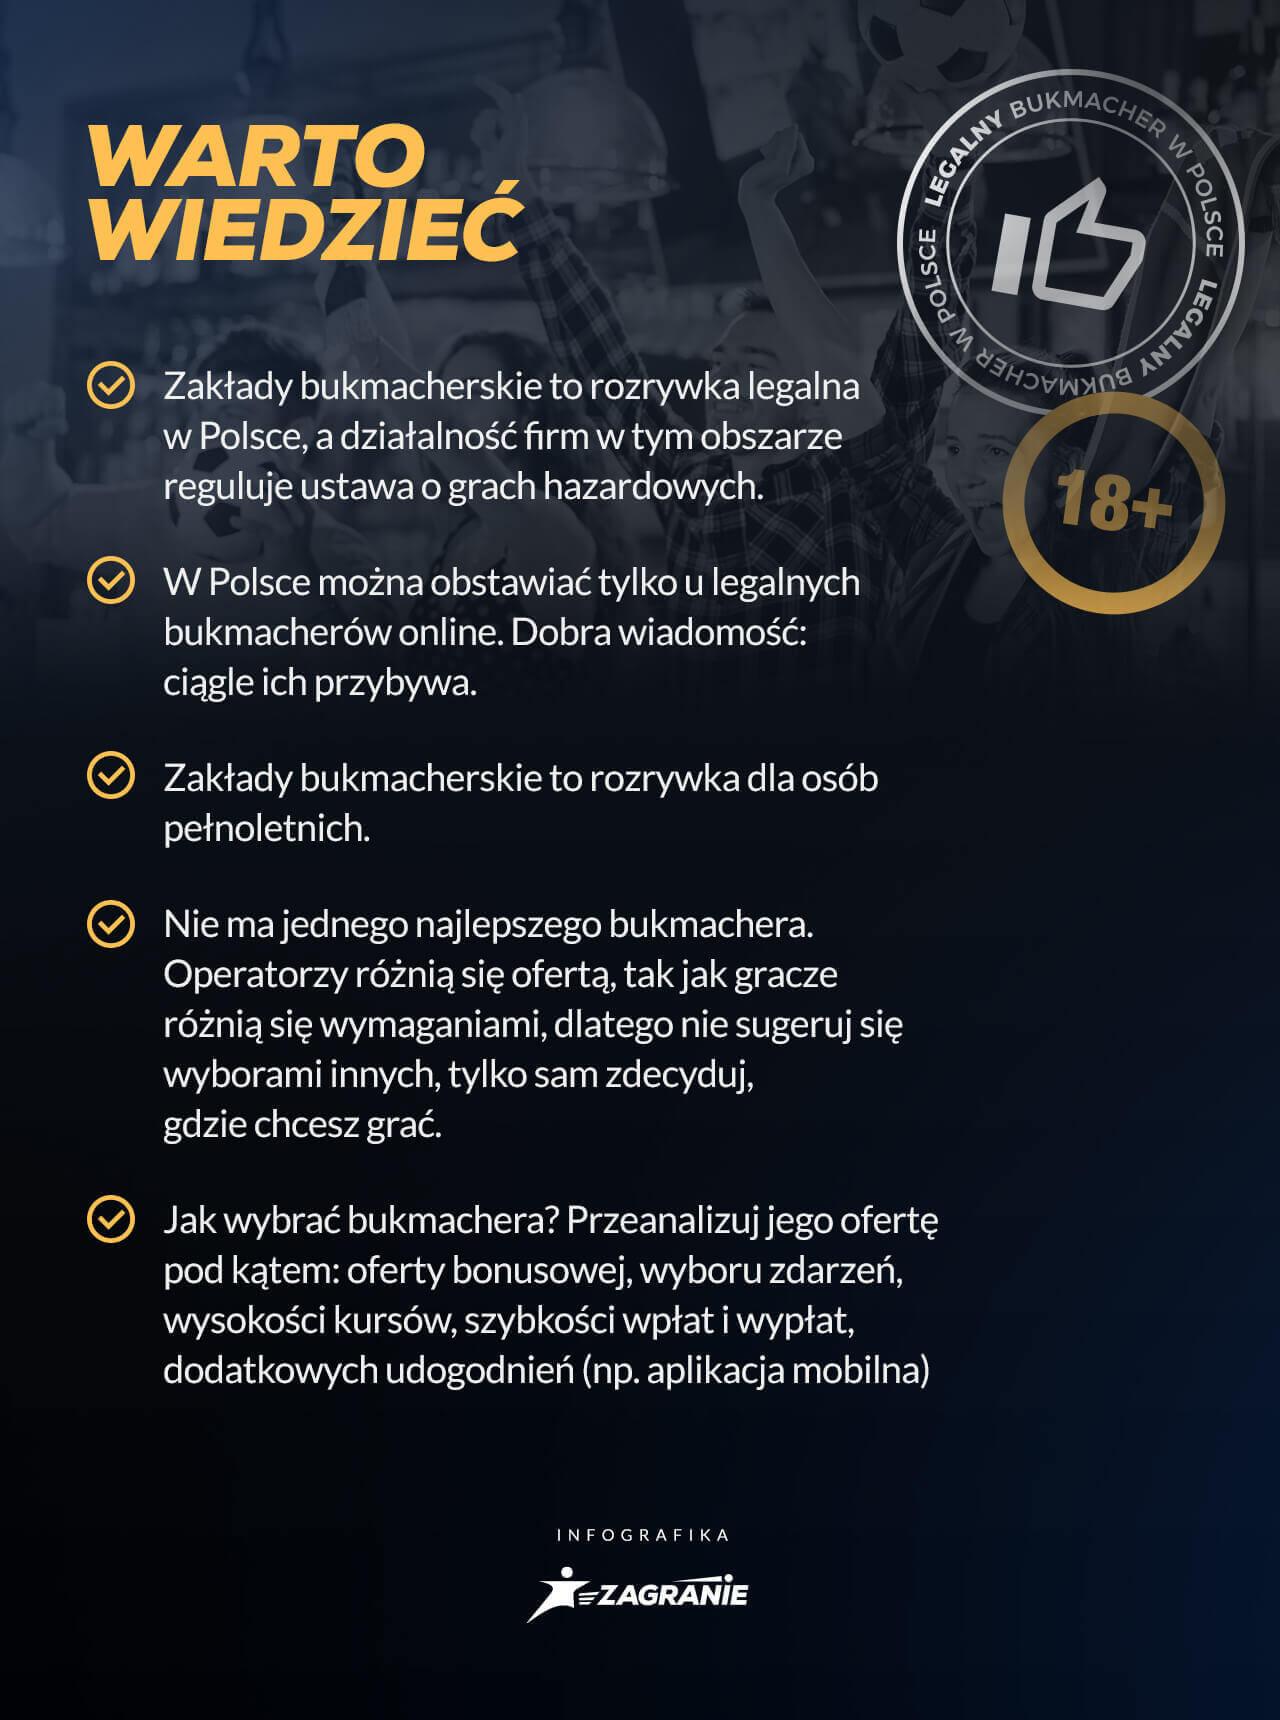 prawo polskich stron bukmacherskich